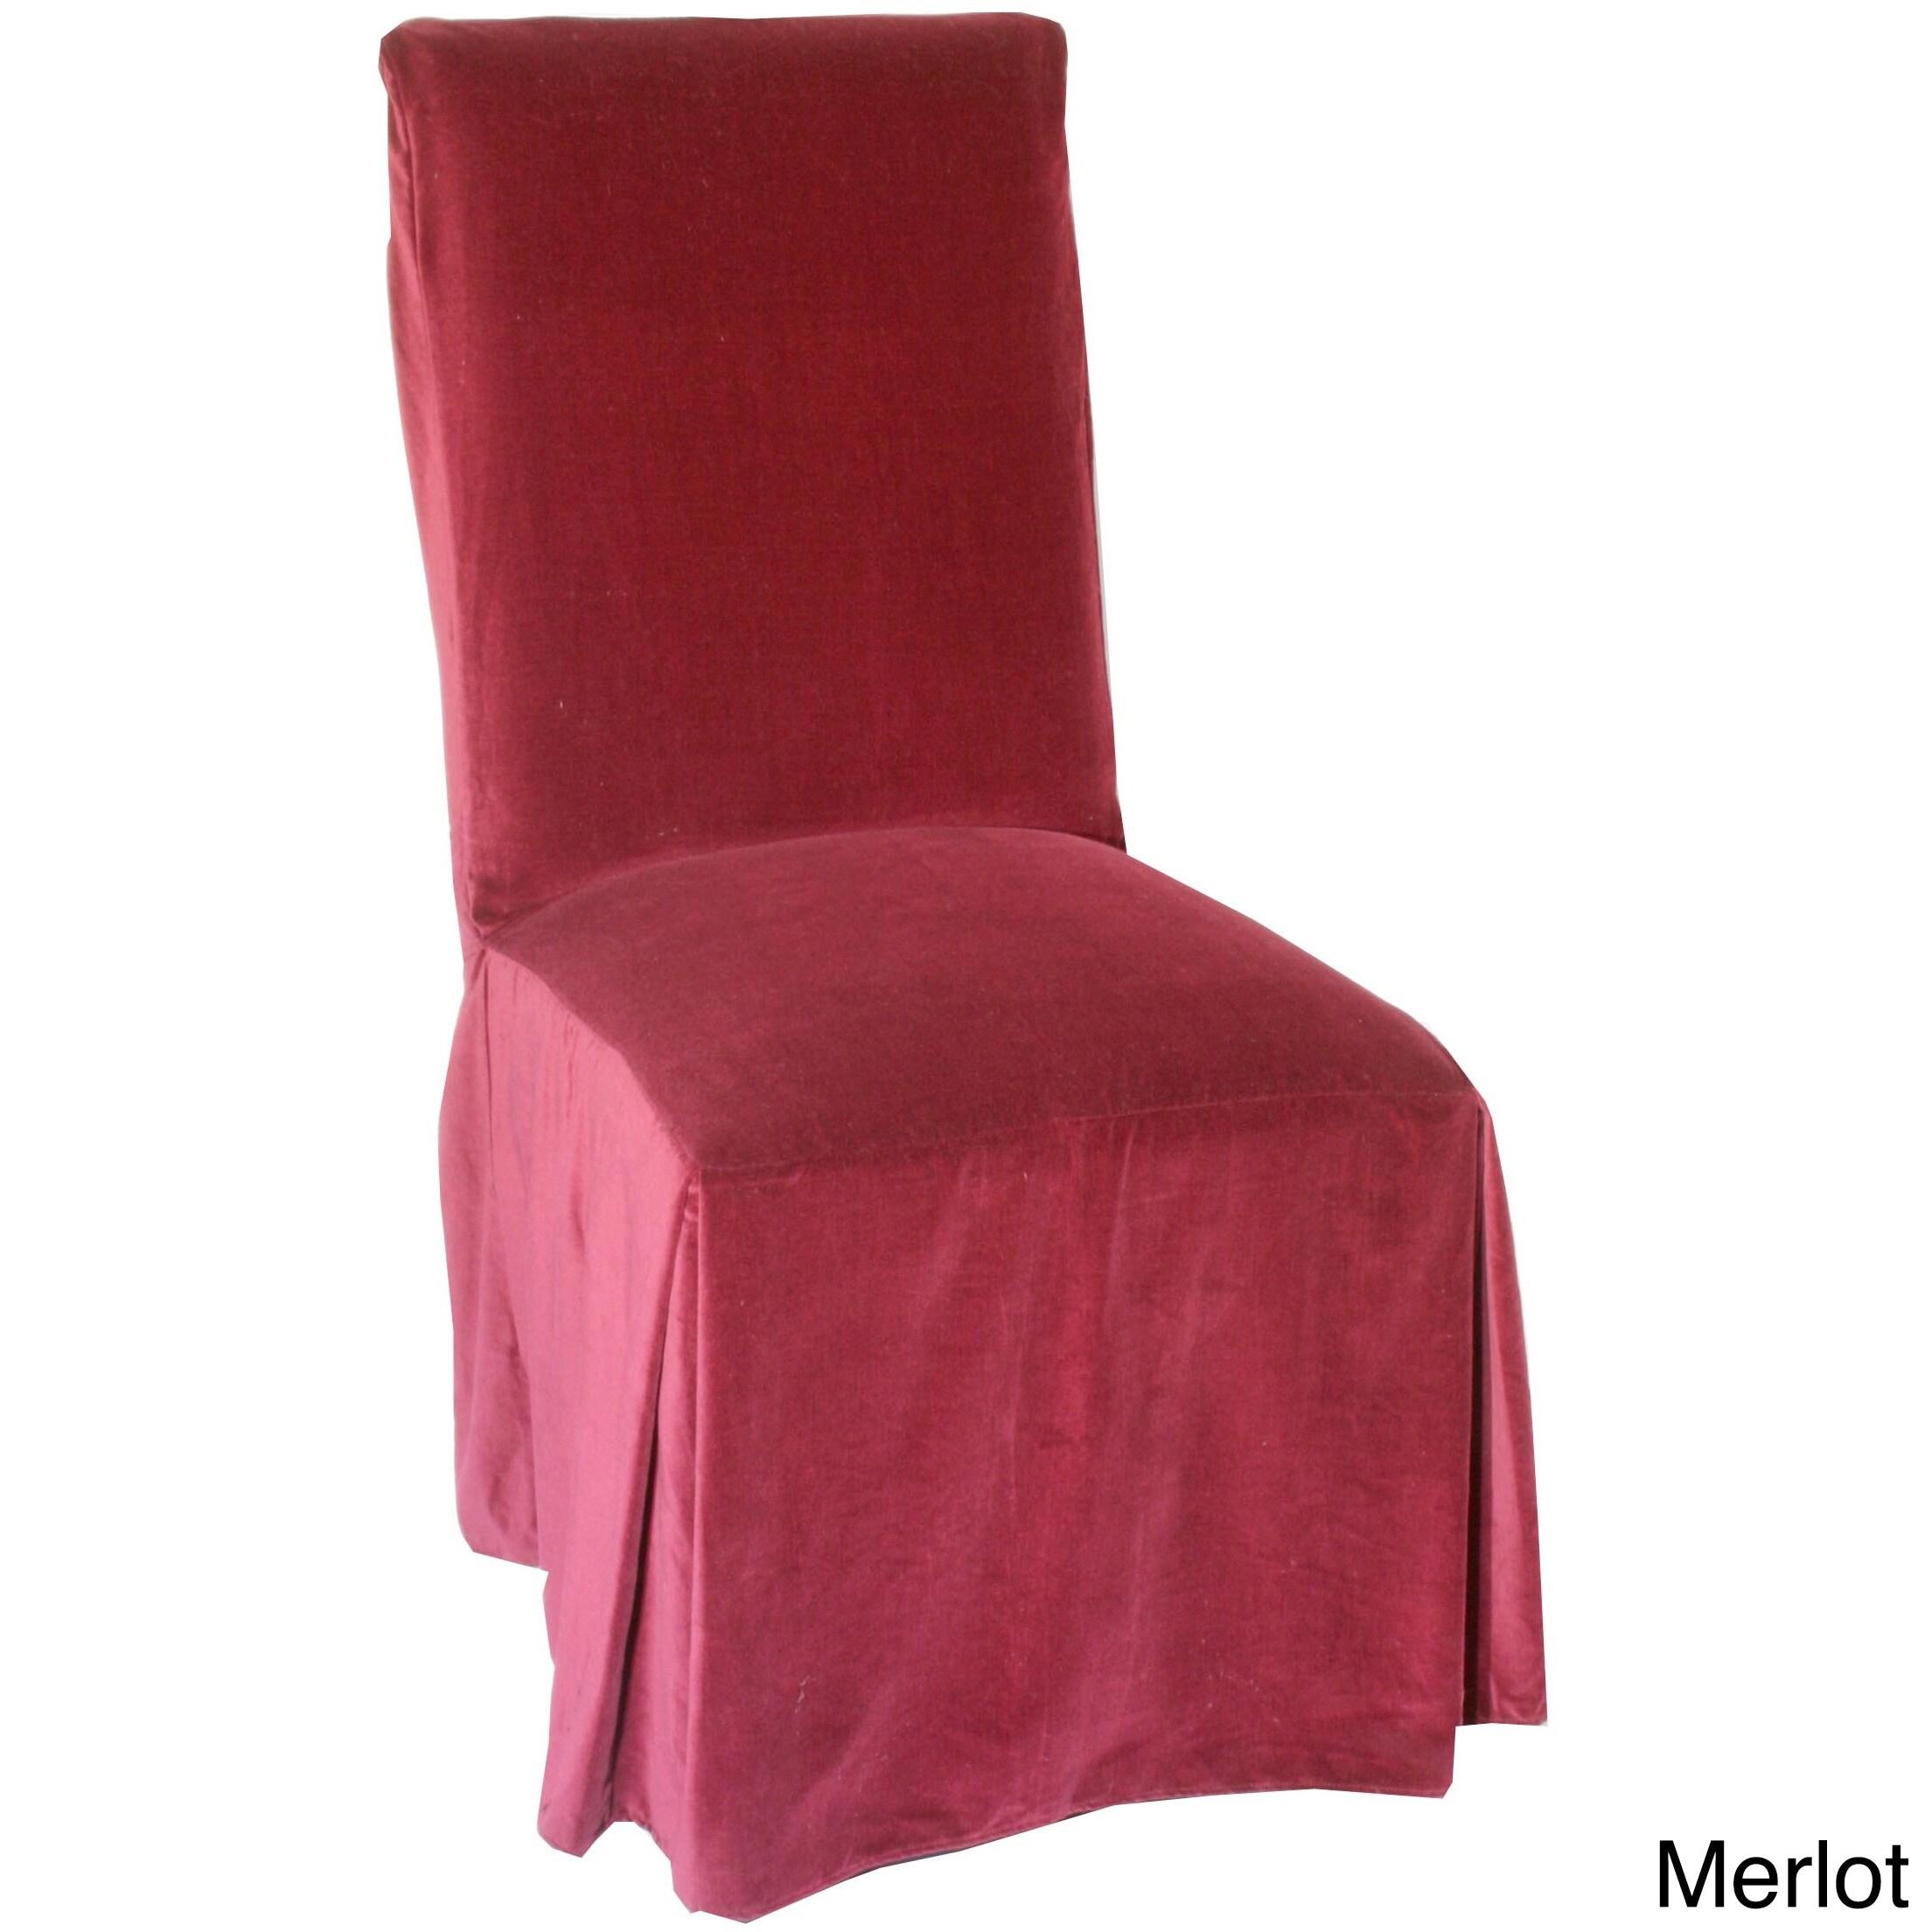 Classic Slipcovers Velvet Dining Chair Slipcover Set Of 2